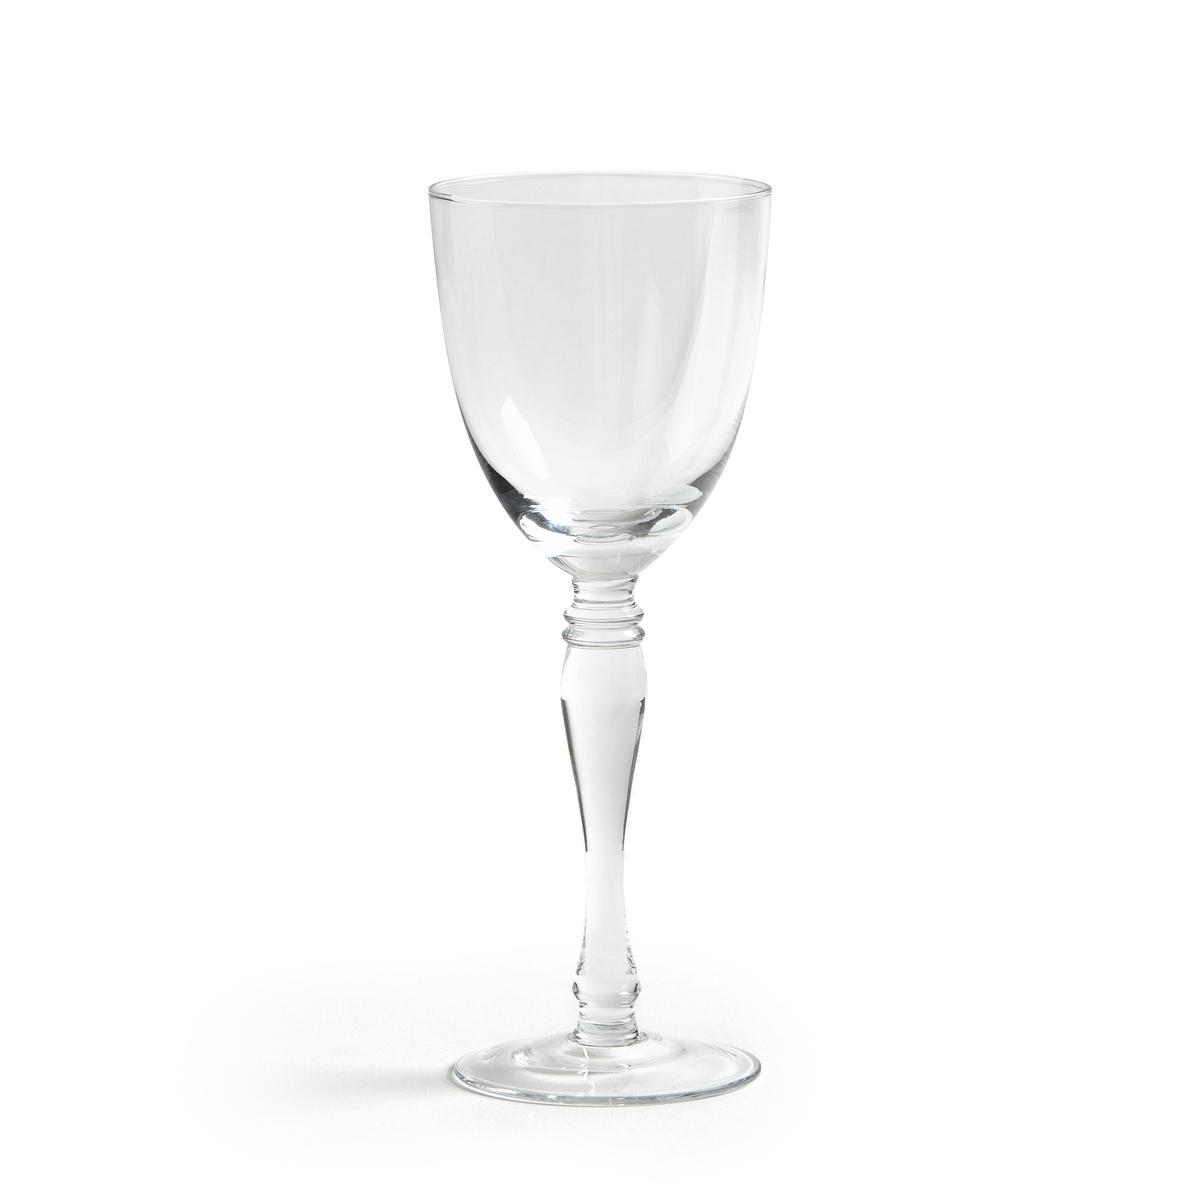 4 бокала под вино AlindaОписание:4 бокала под вино Alinda. Элегантные и изящные бокалы Alinda - обязательный элемент красивого стола.Описание 4 бокалов под вино Alinda : •  Прозрачные бокалы прямой формы •  Диаметр : 8,5 / 7,3 см •  Высота : 22 см •  Допускается мытье в посудомоечной машине •  Комплект из 4 бокалов<br><br>Цвет: прозрачный